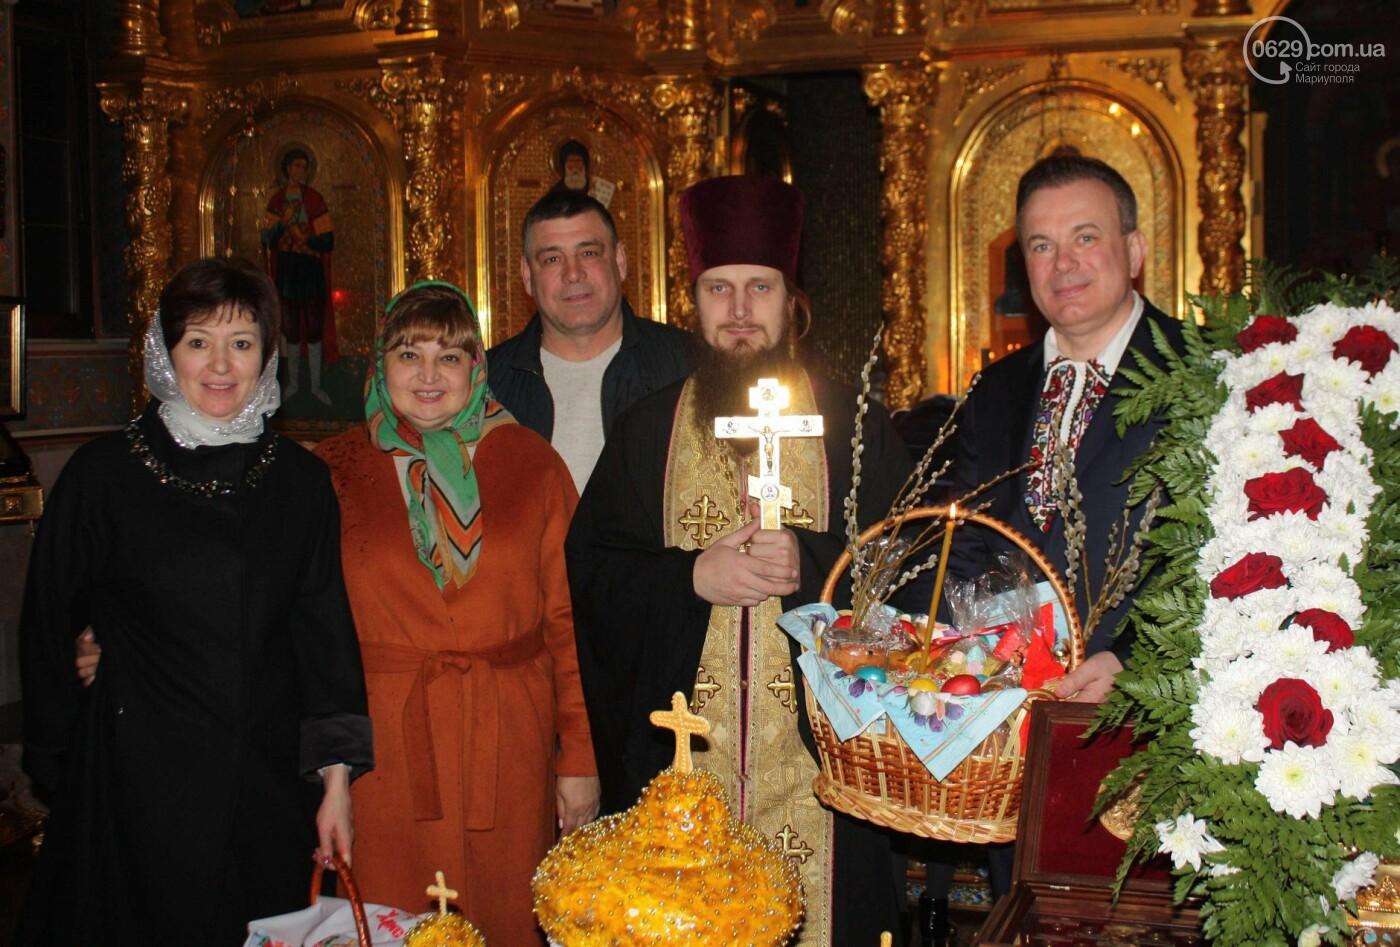 27 апреля Благодатный огонь из Иерусалима доставят в Свято-Покровский храм с.Боевое. Приглашаем на Пасхальное торжество, фото-4